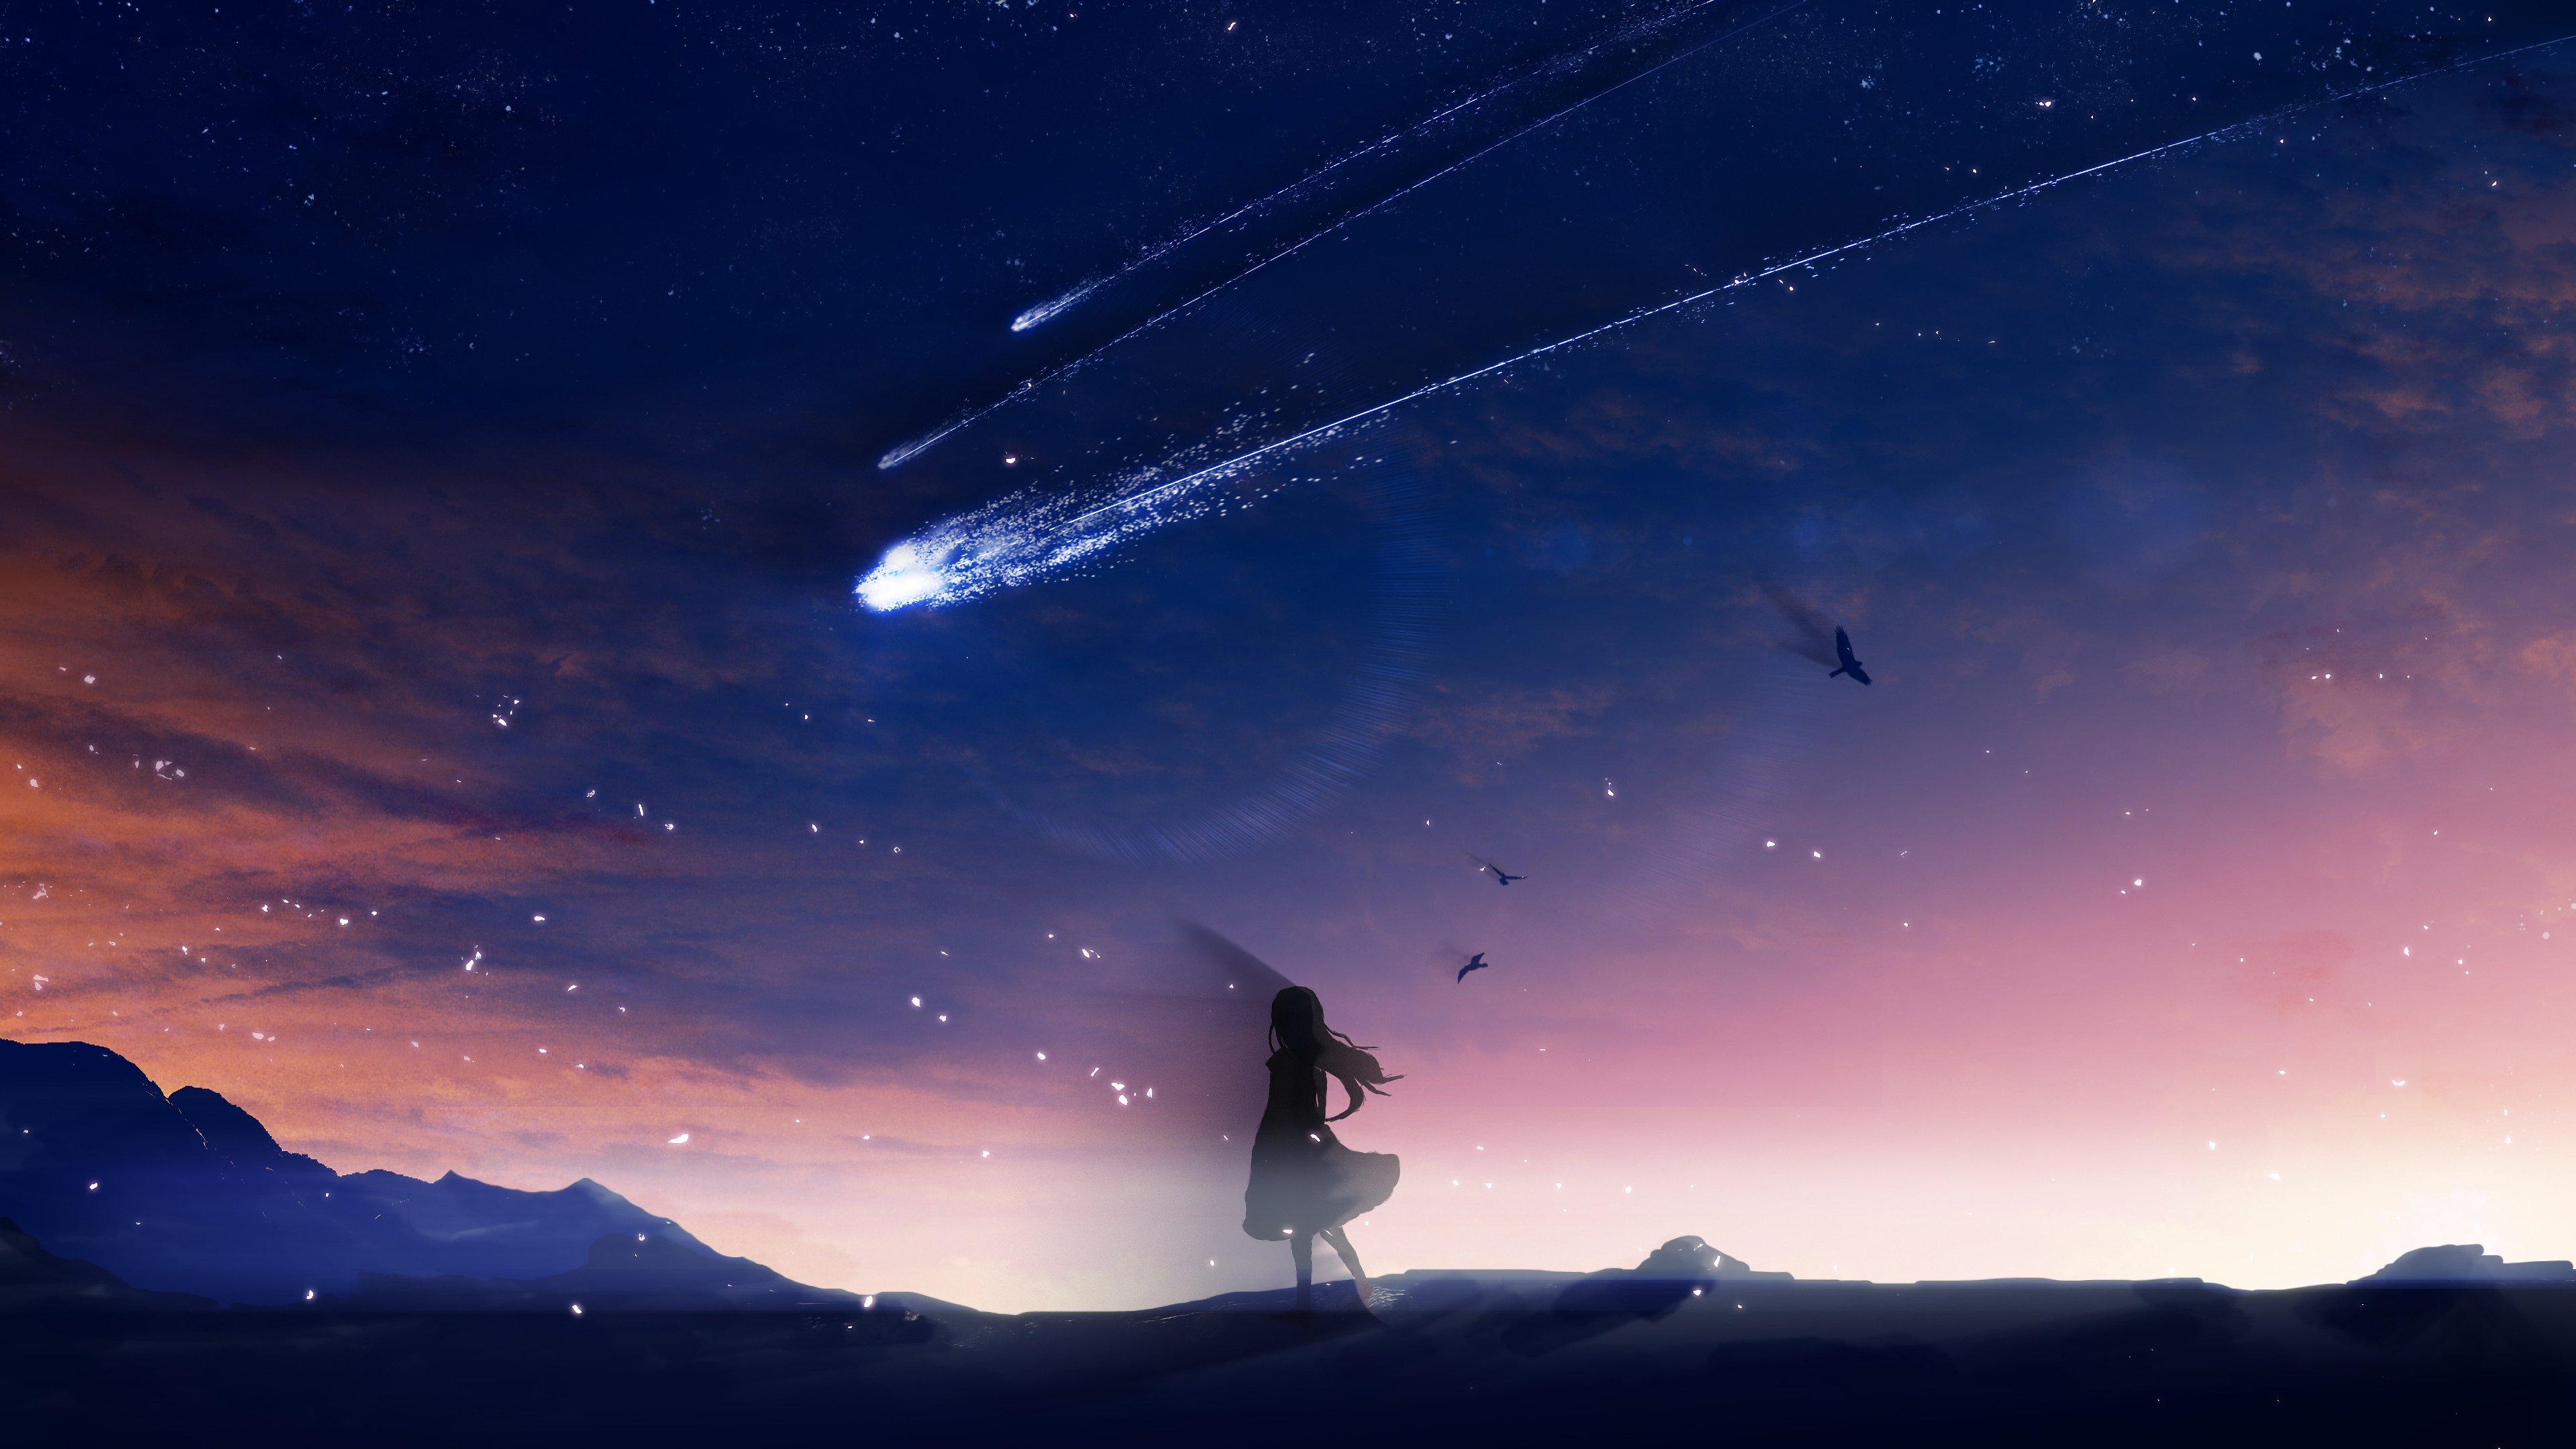 Fondos de pantalla Anime cometa en cielo anocheciendo